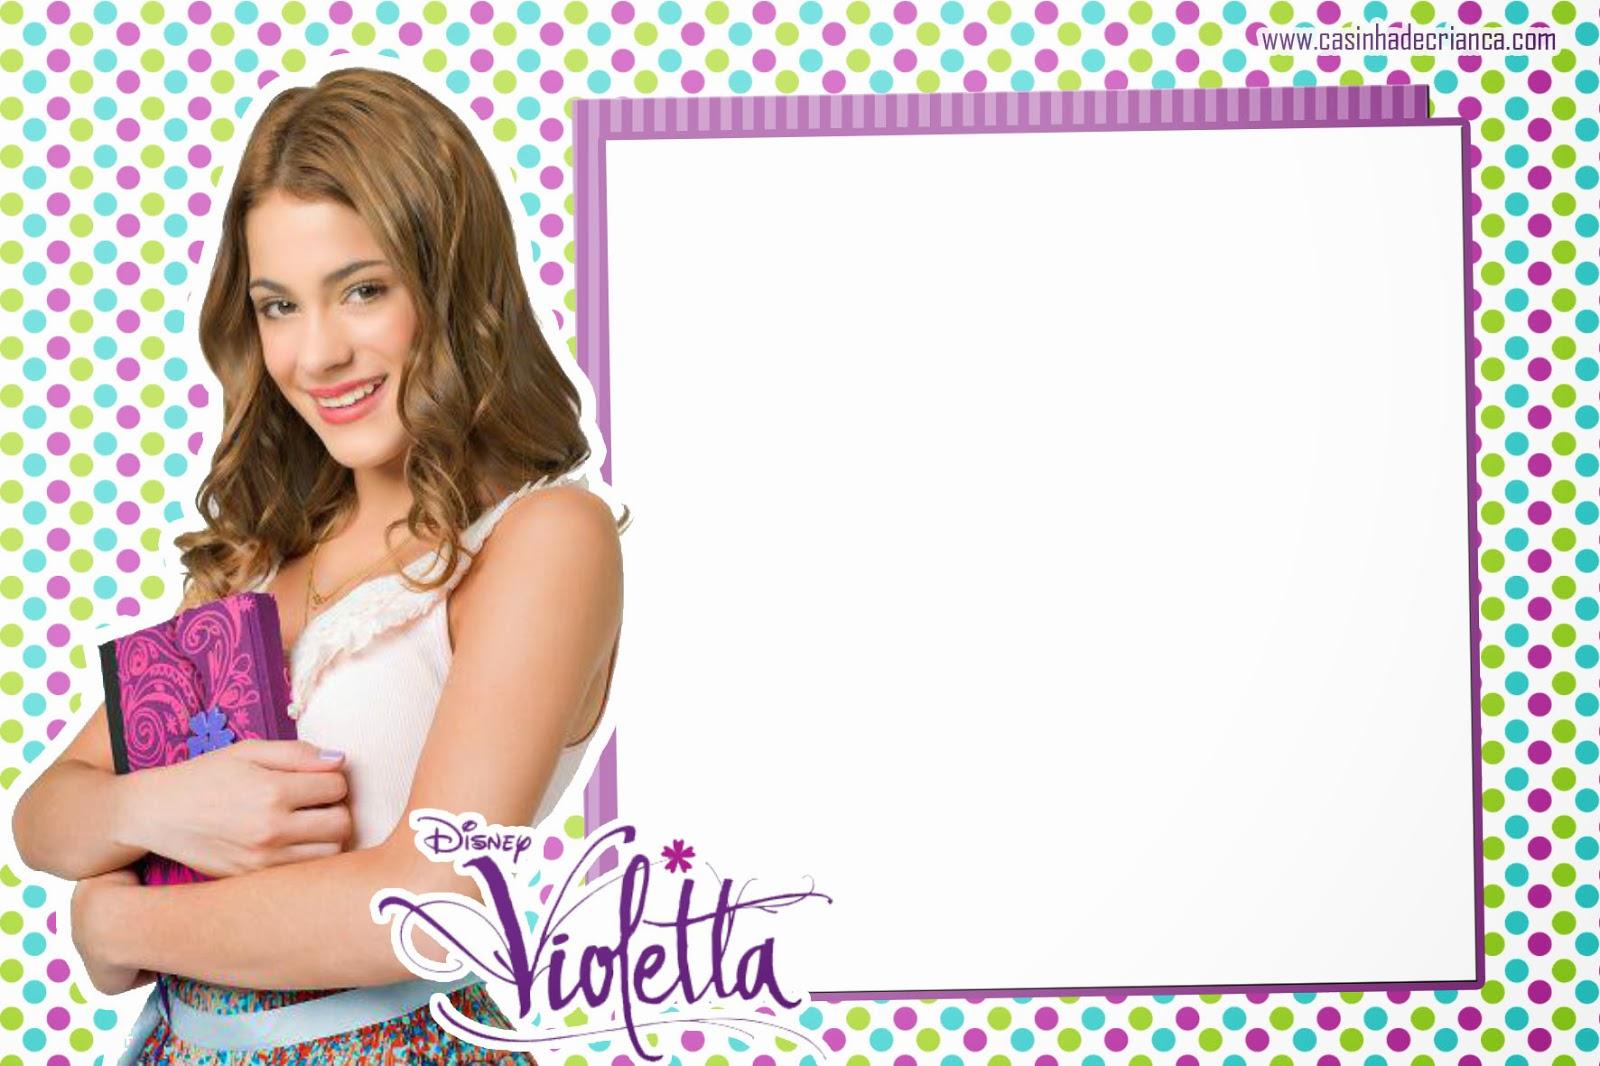 Kit De Violetta Para Cumple Anos Gratis